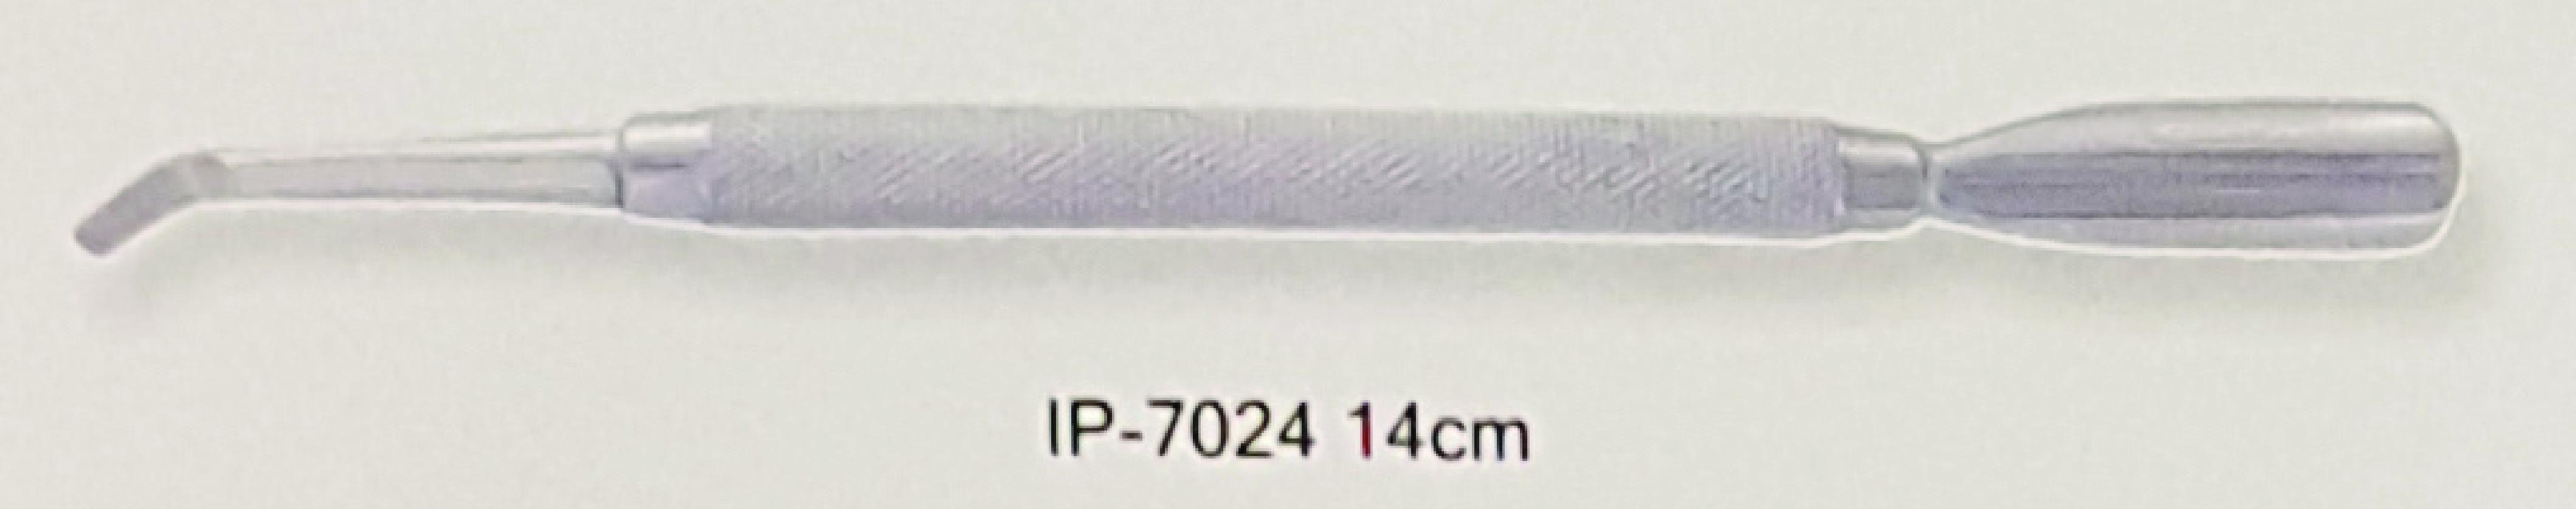 IP-7024 14cm